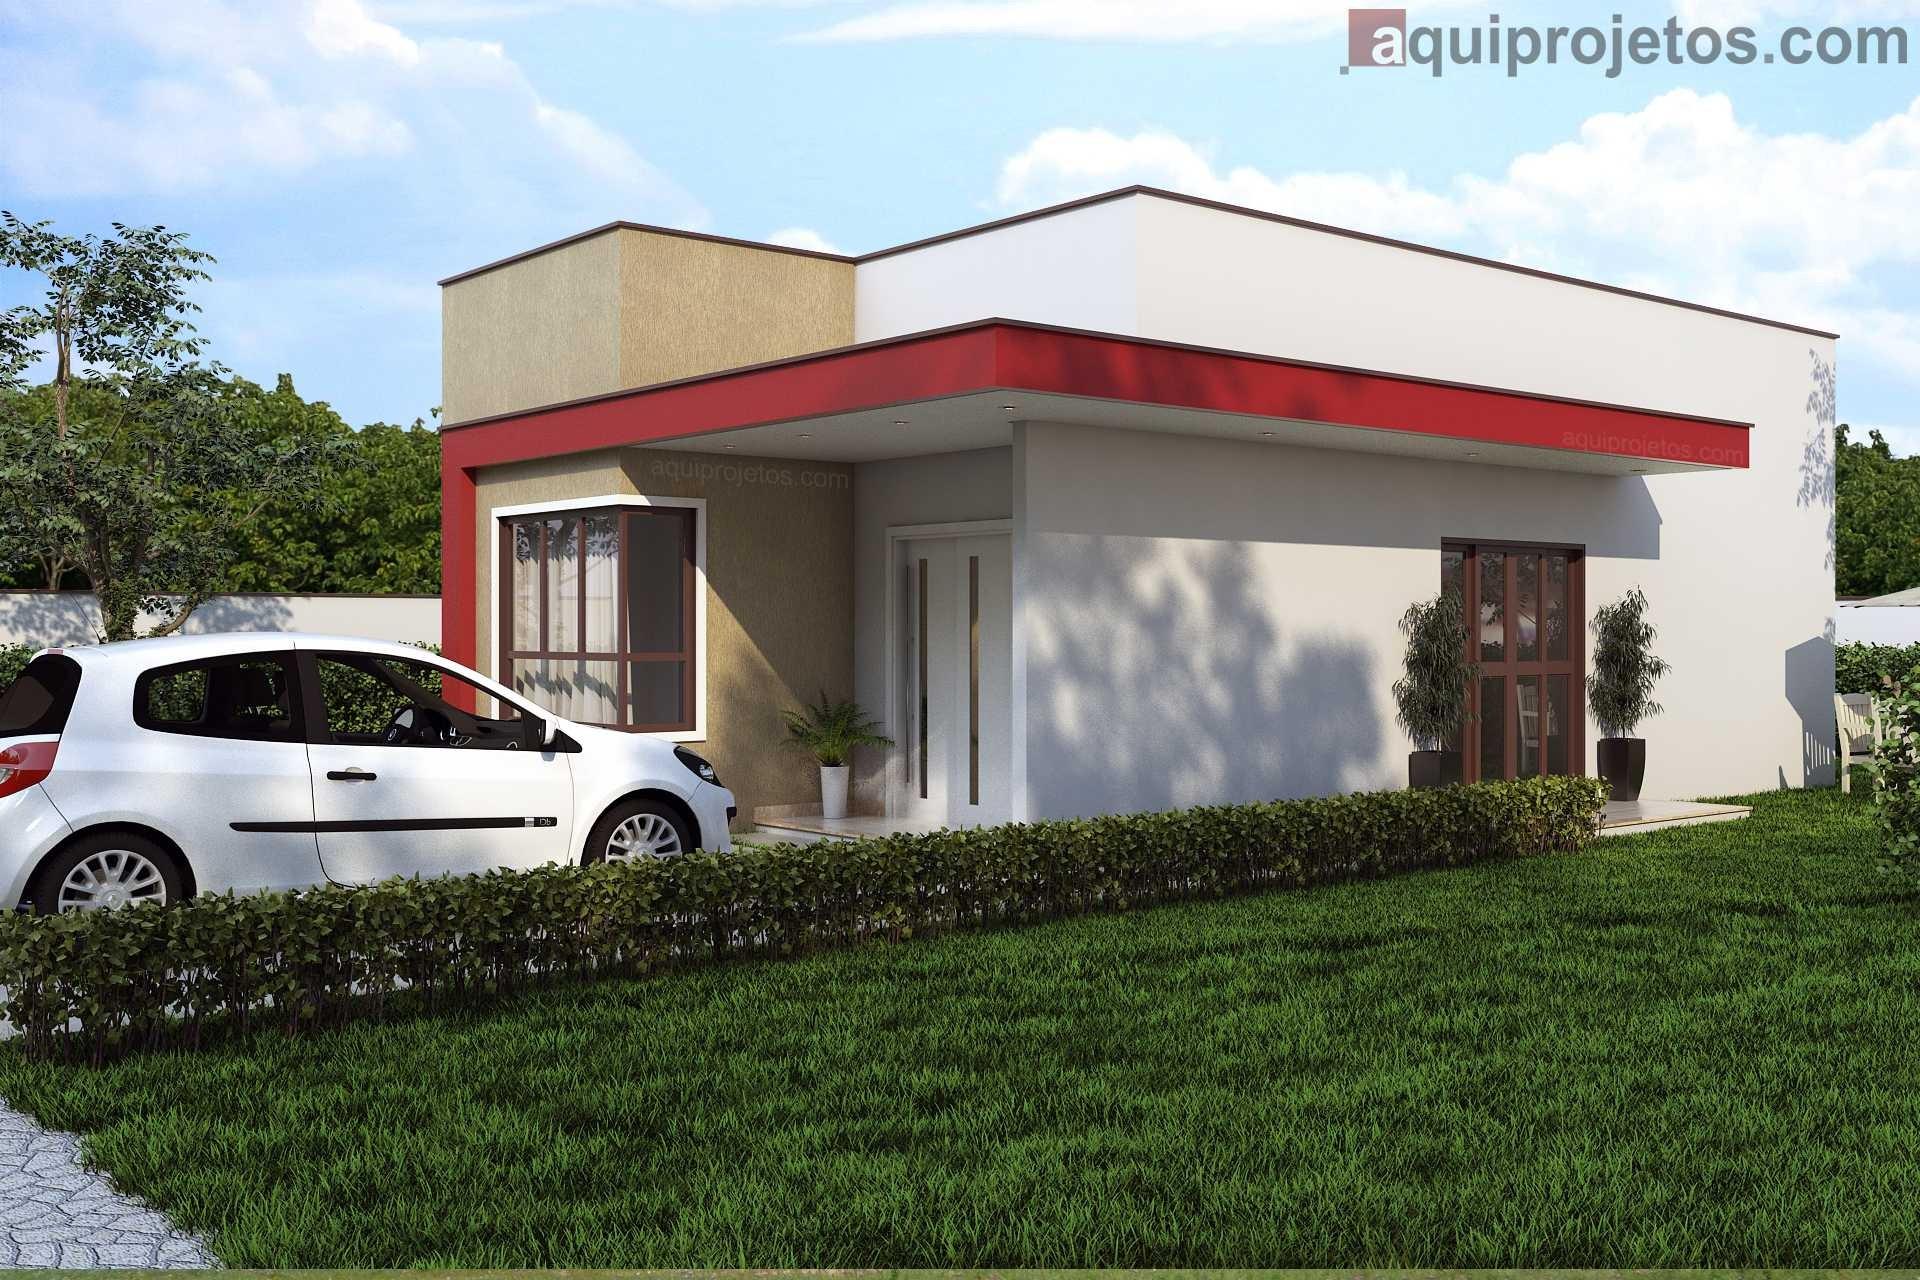 Fachada lateral diurna casa térrea areia e vermelha - Projeto Maceió - Cod G13 – aquiprojetos